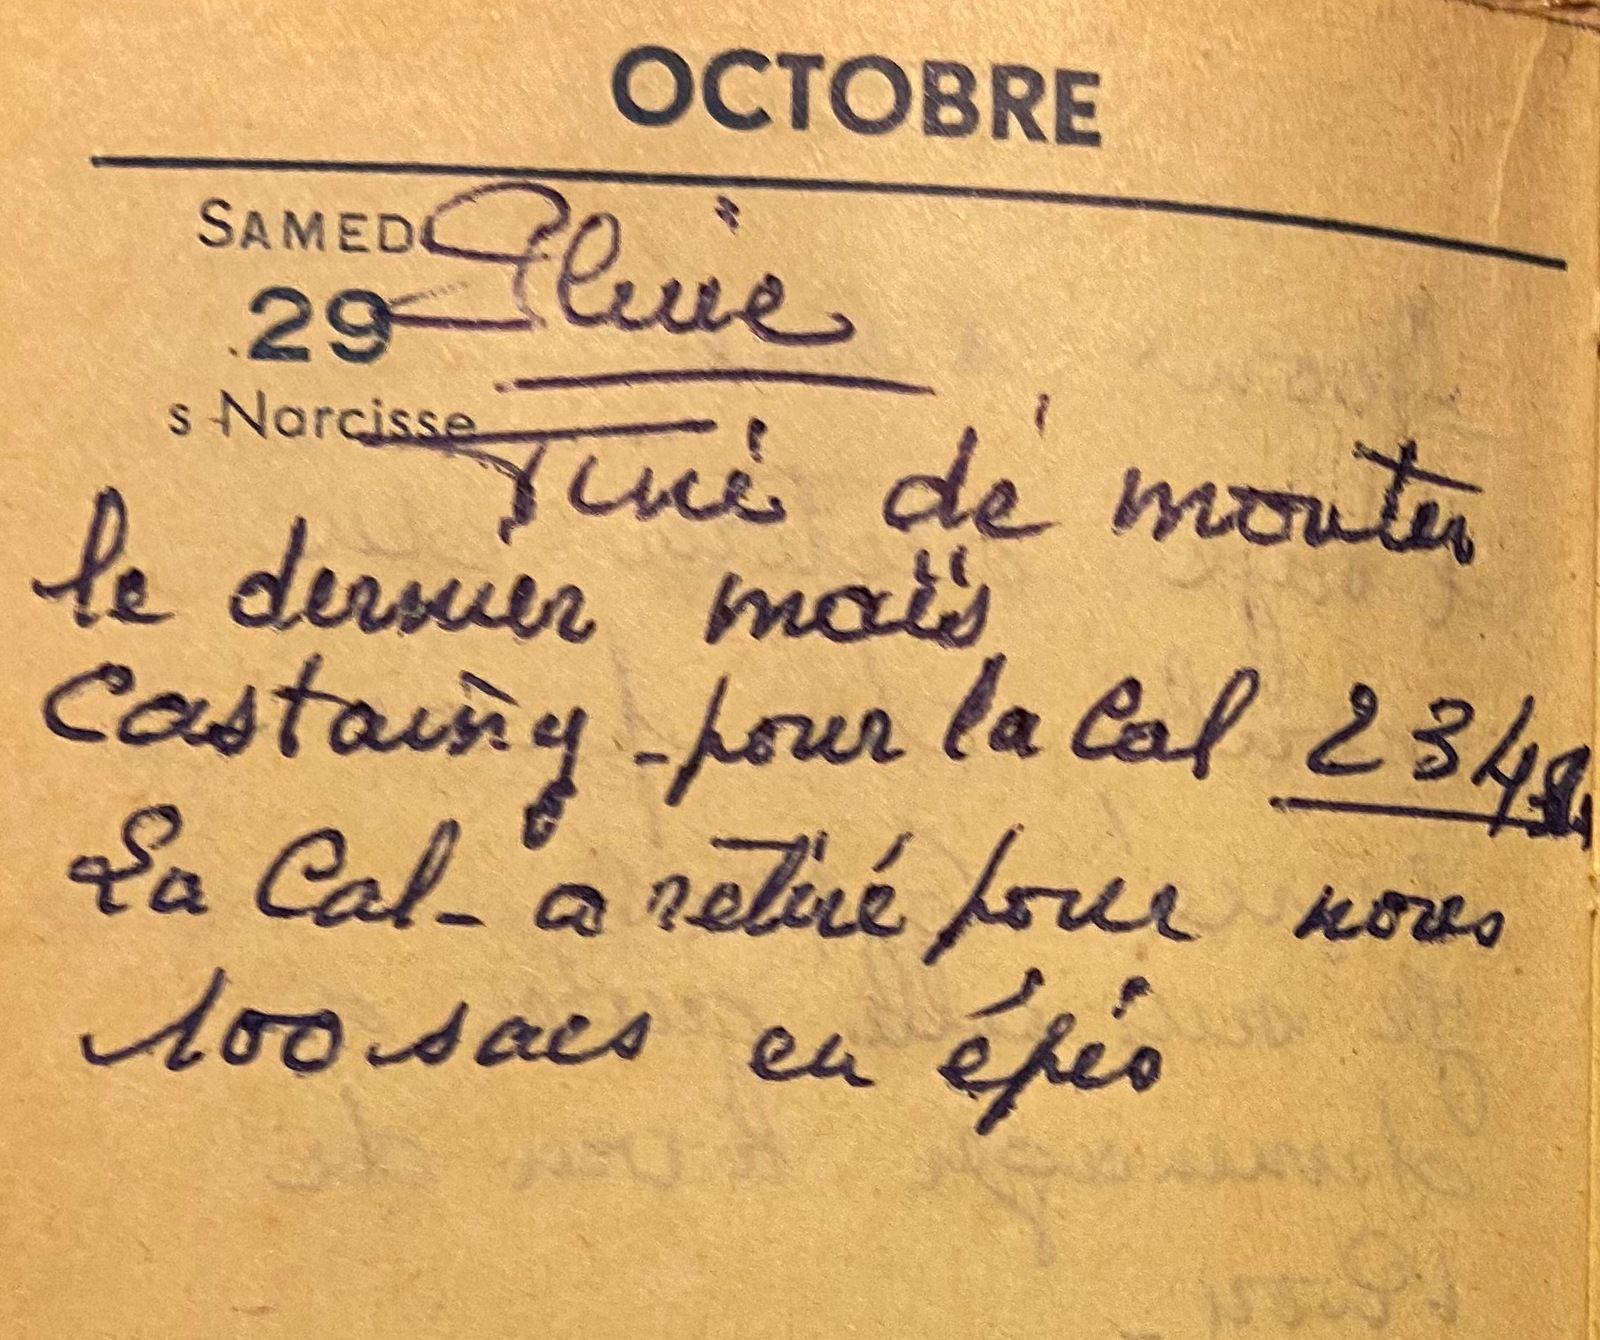 Samedi 29 octobre 1960 - les sacs d'épis